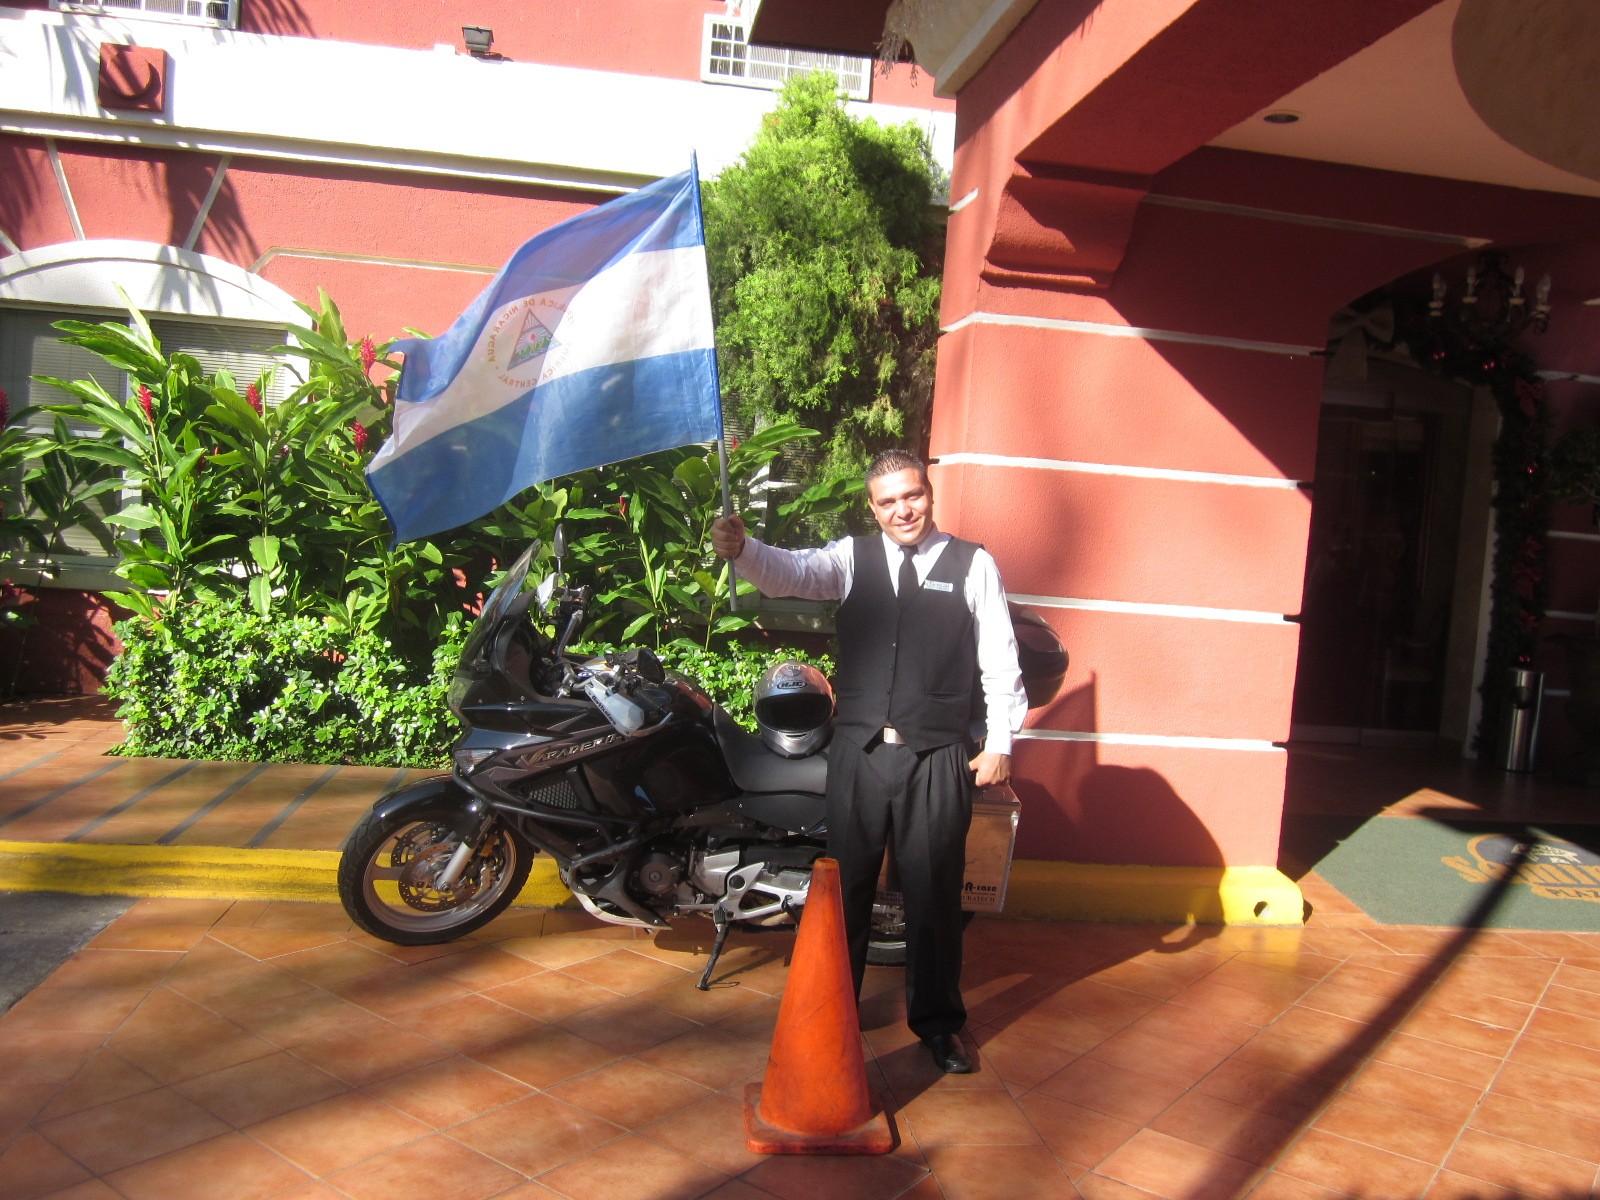 proud of Nicaragua